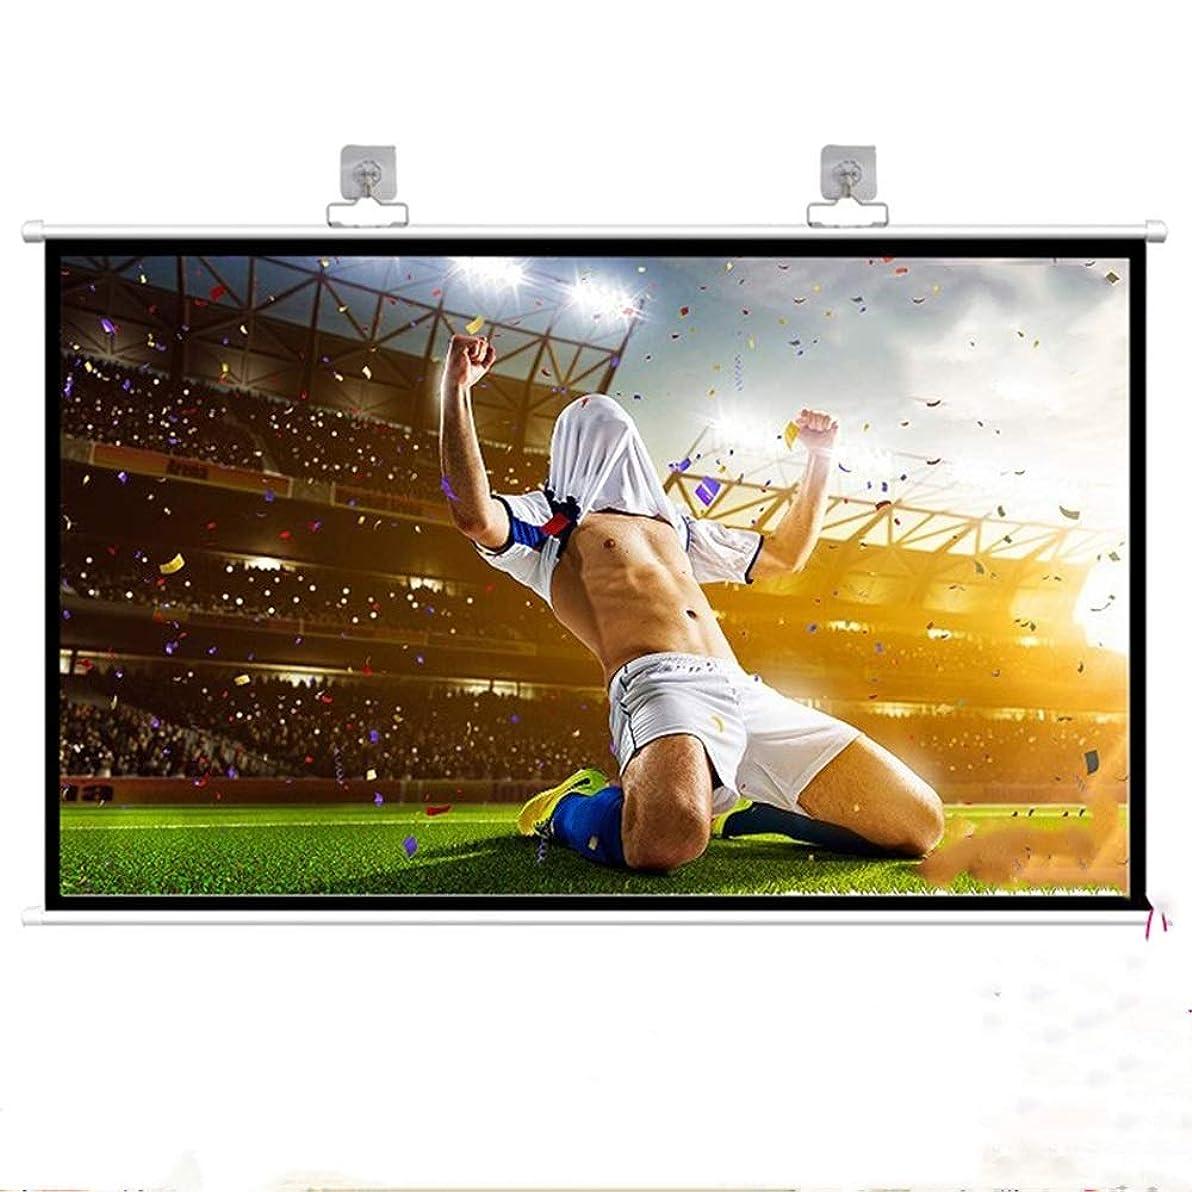 満足とまり木重要投影スクリーン フックアップ付き屋外/屋内ポータブルプロジェクタースクリーン折り畳み式のホーム?シアターシネマ映画スクリーン スクリーン (Color : White, Size : 16:9HD)